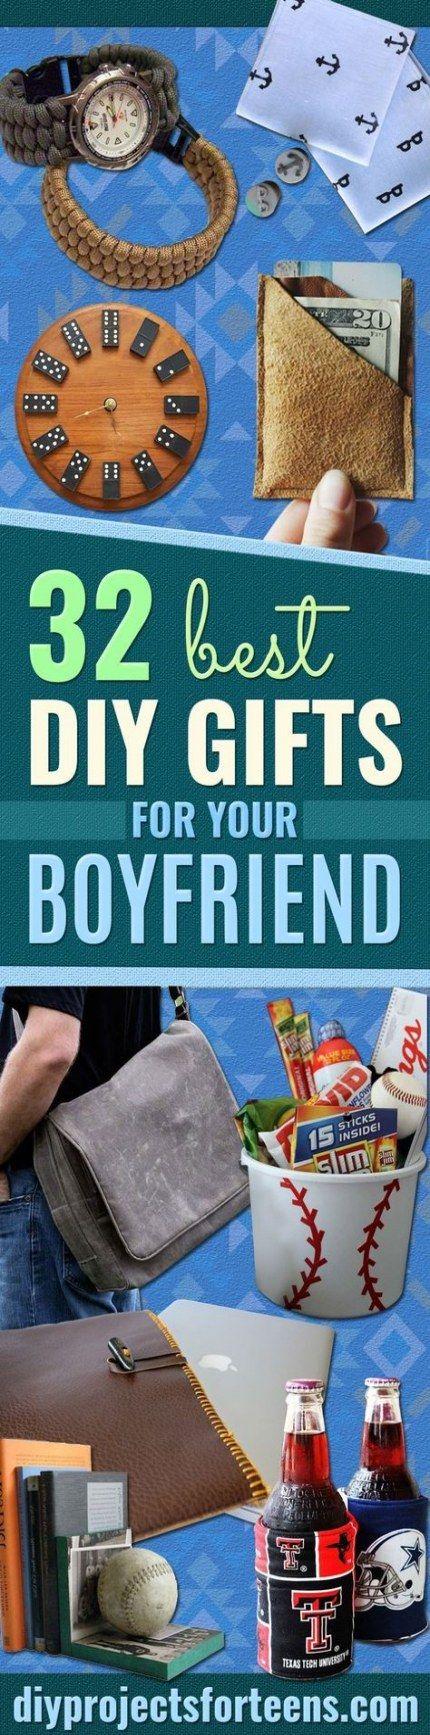 Gifts for boyfriend diy christmas mason jars 66+ ideas